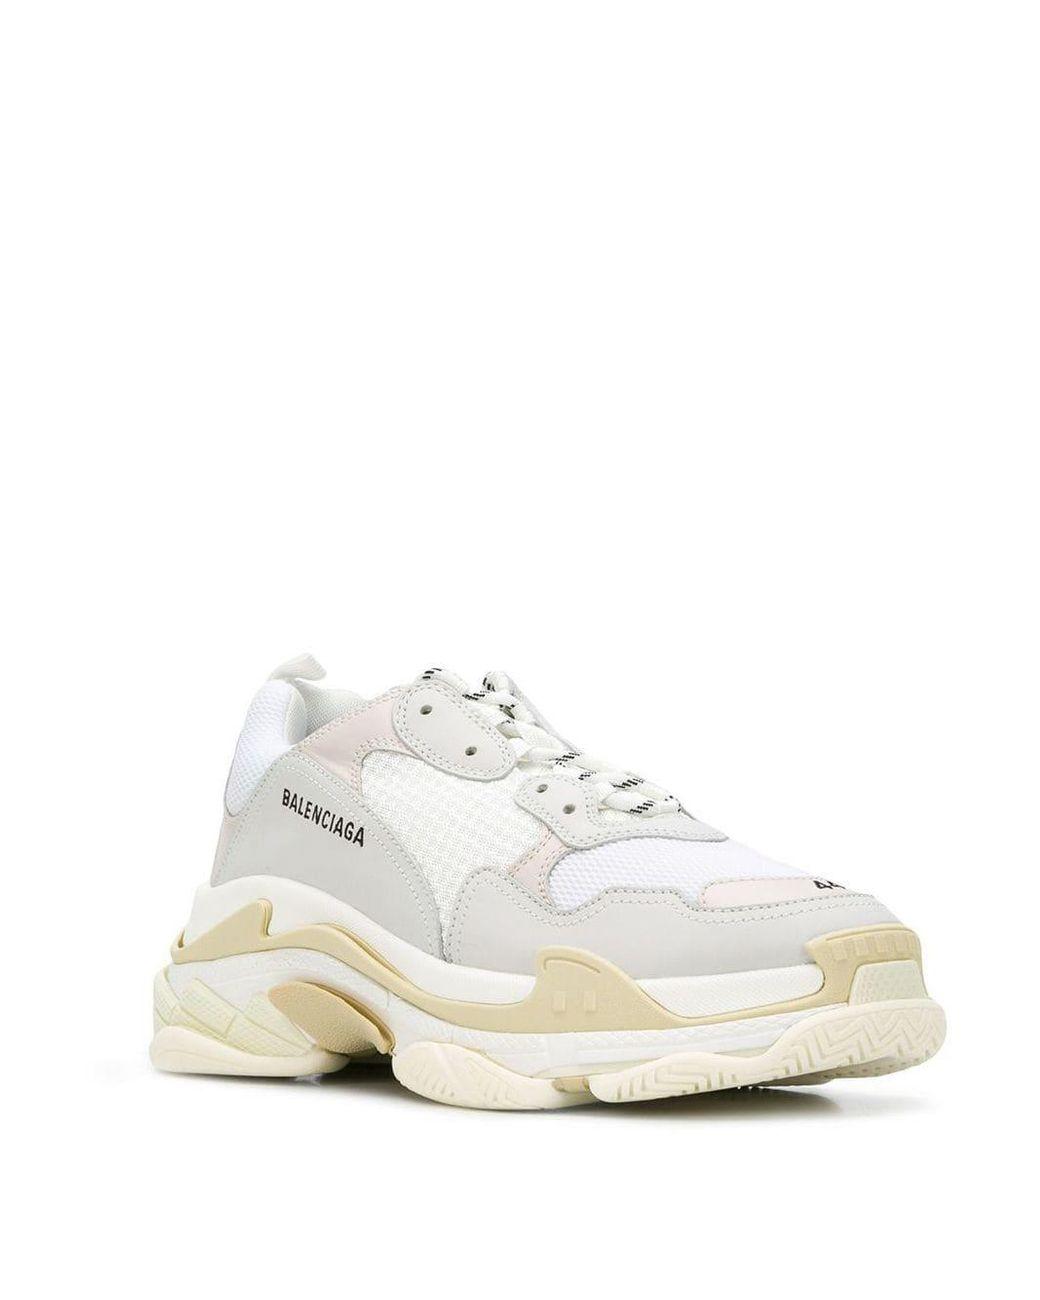 Favor Salida Desventaja  Zapatillas Triple S Balenciaga de Tejido sintético de color Blanco para  hombre - Lyst